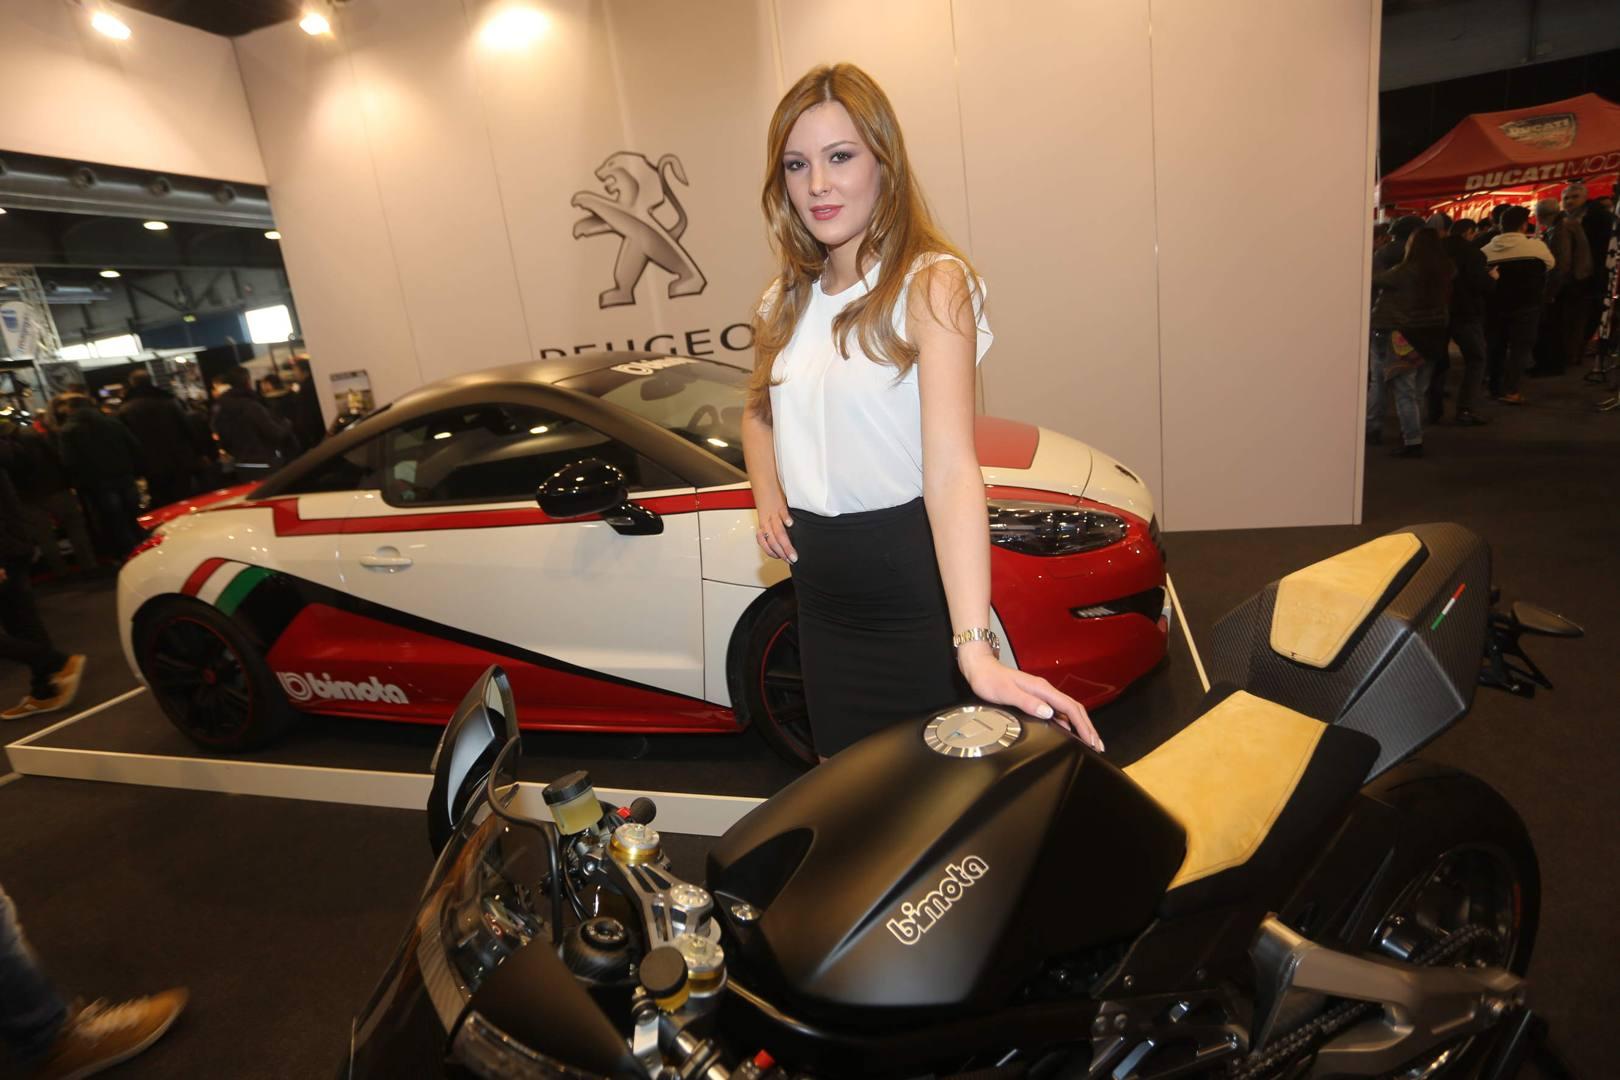 moto campioni   al motor bike expo la gazzetta dello sport